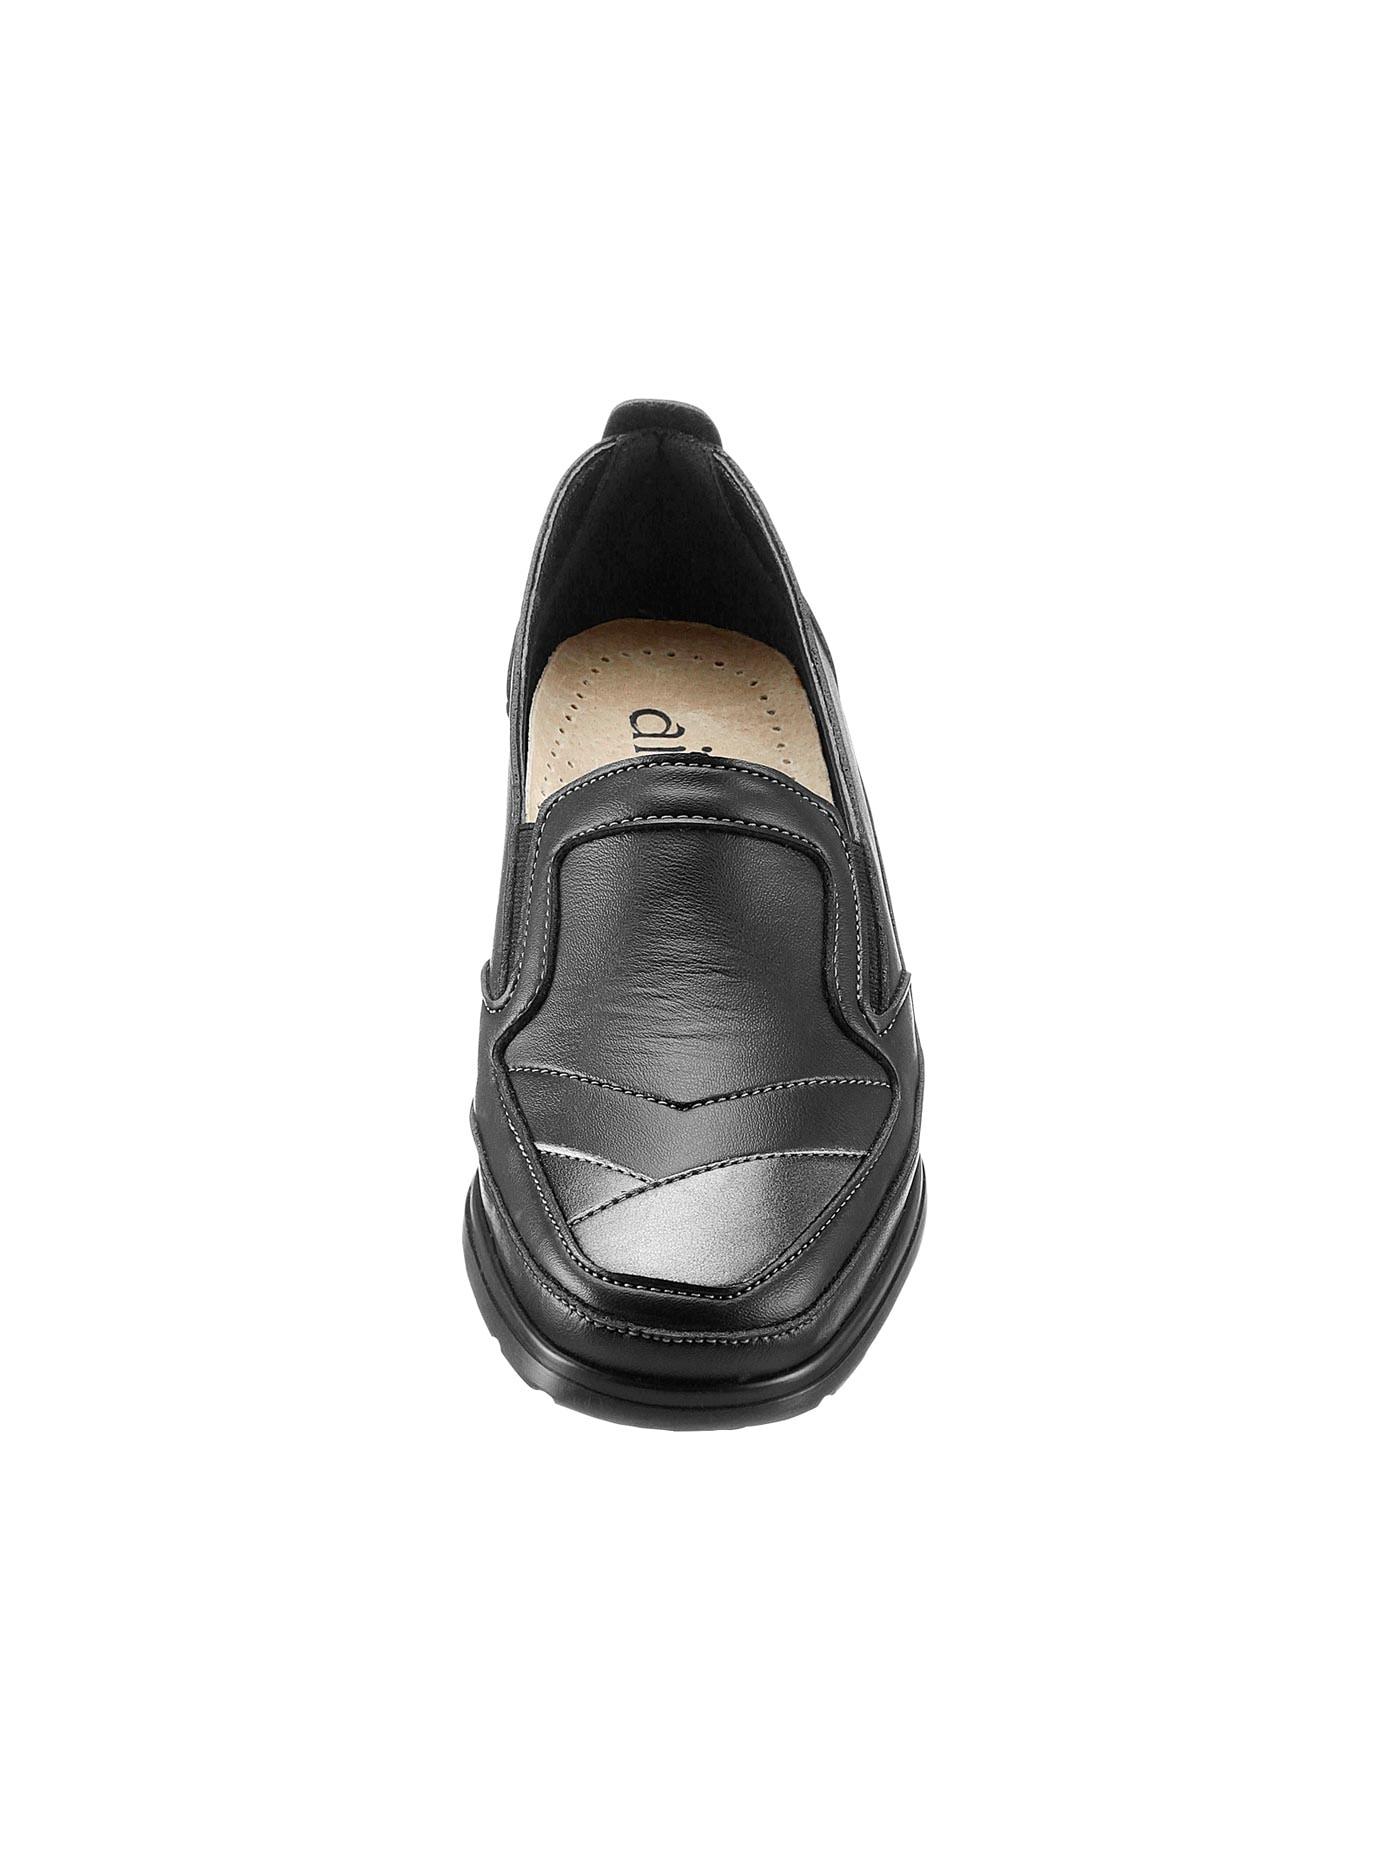 Airsoft Slipper mit Leder-Wechselfußbett   Schuhe > Slipper   Schwarz   Leder   Airsoft